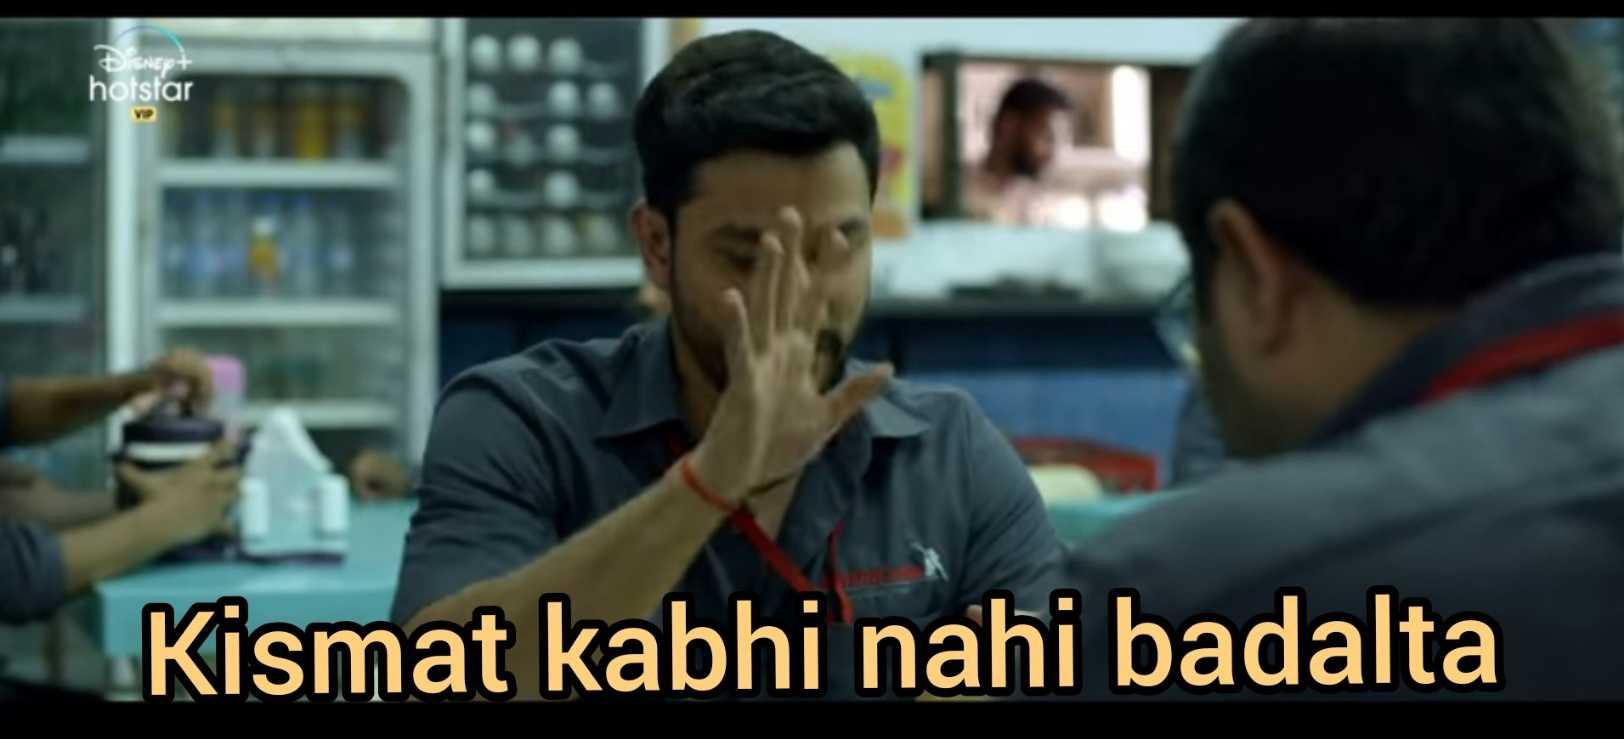 kismat kabhi nahi badalta lootcase meme template